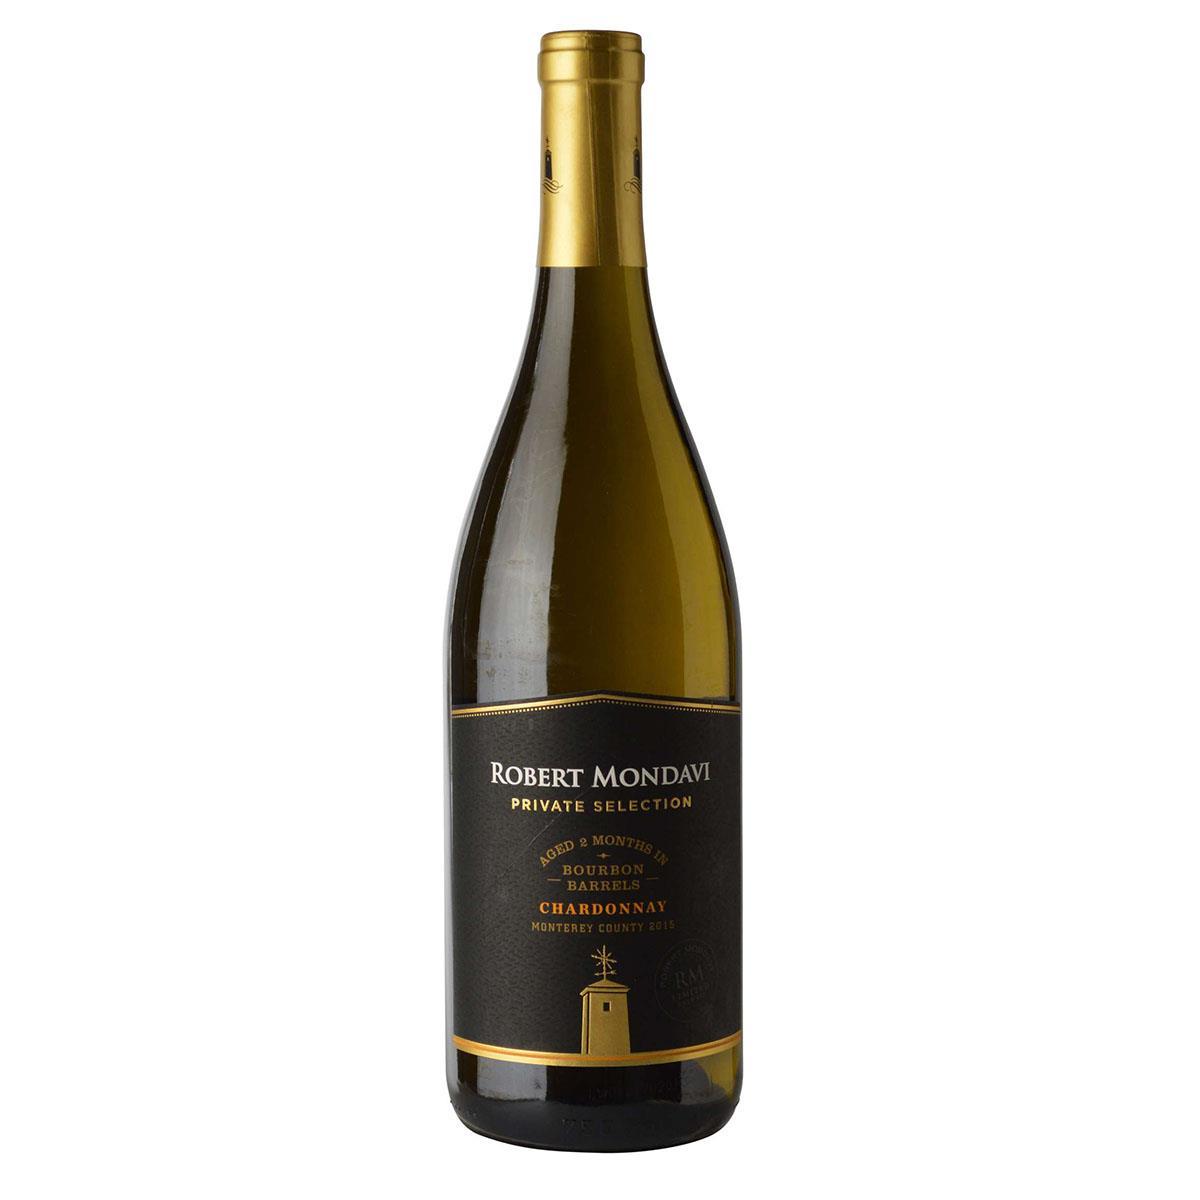 Robert Mondavi Chardonnay Private Selection 750ml Λευκό